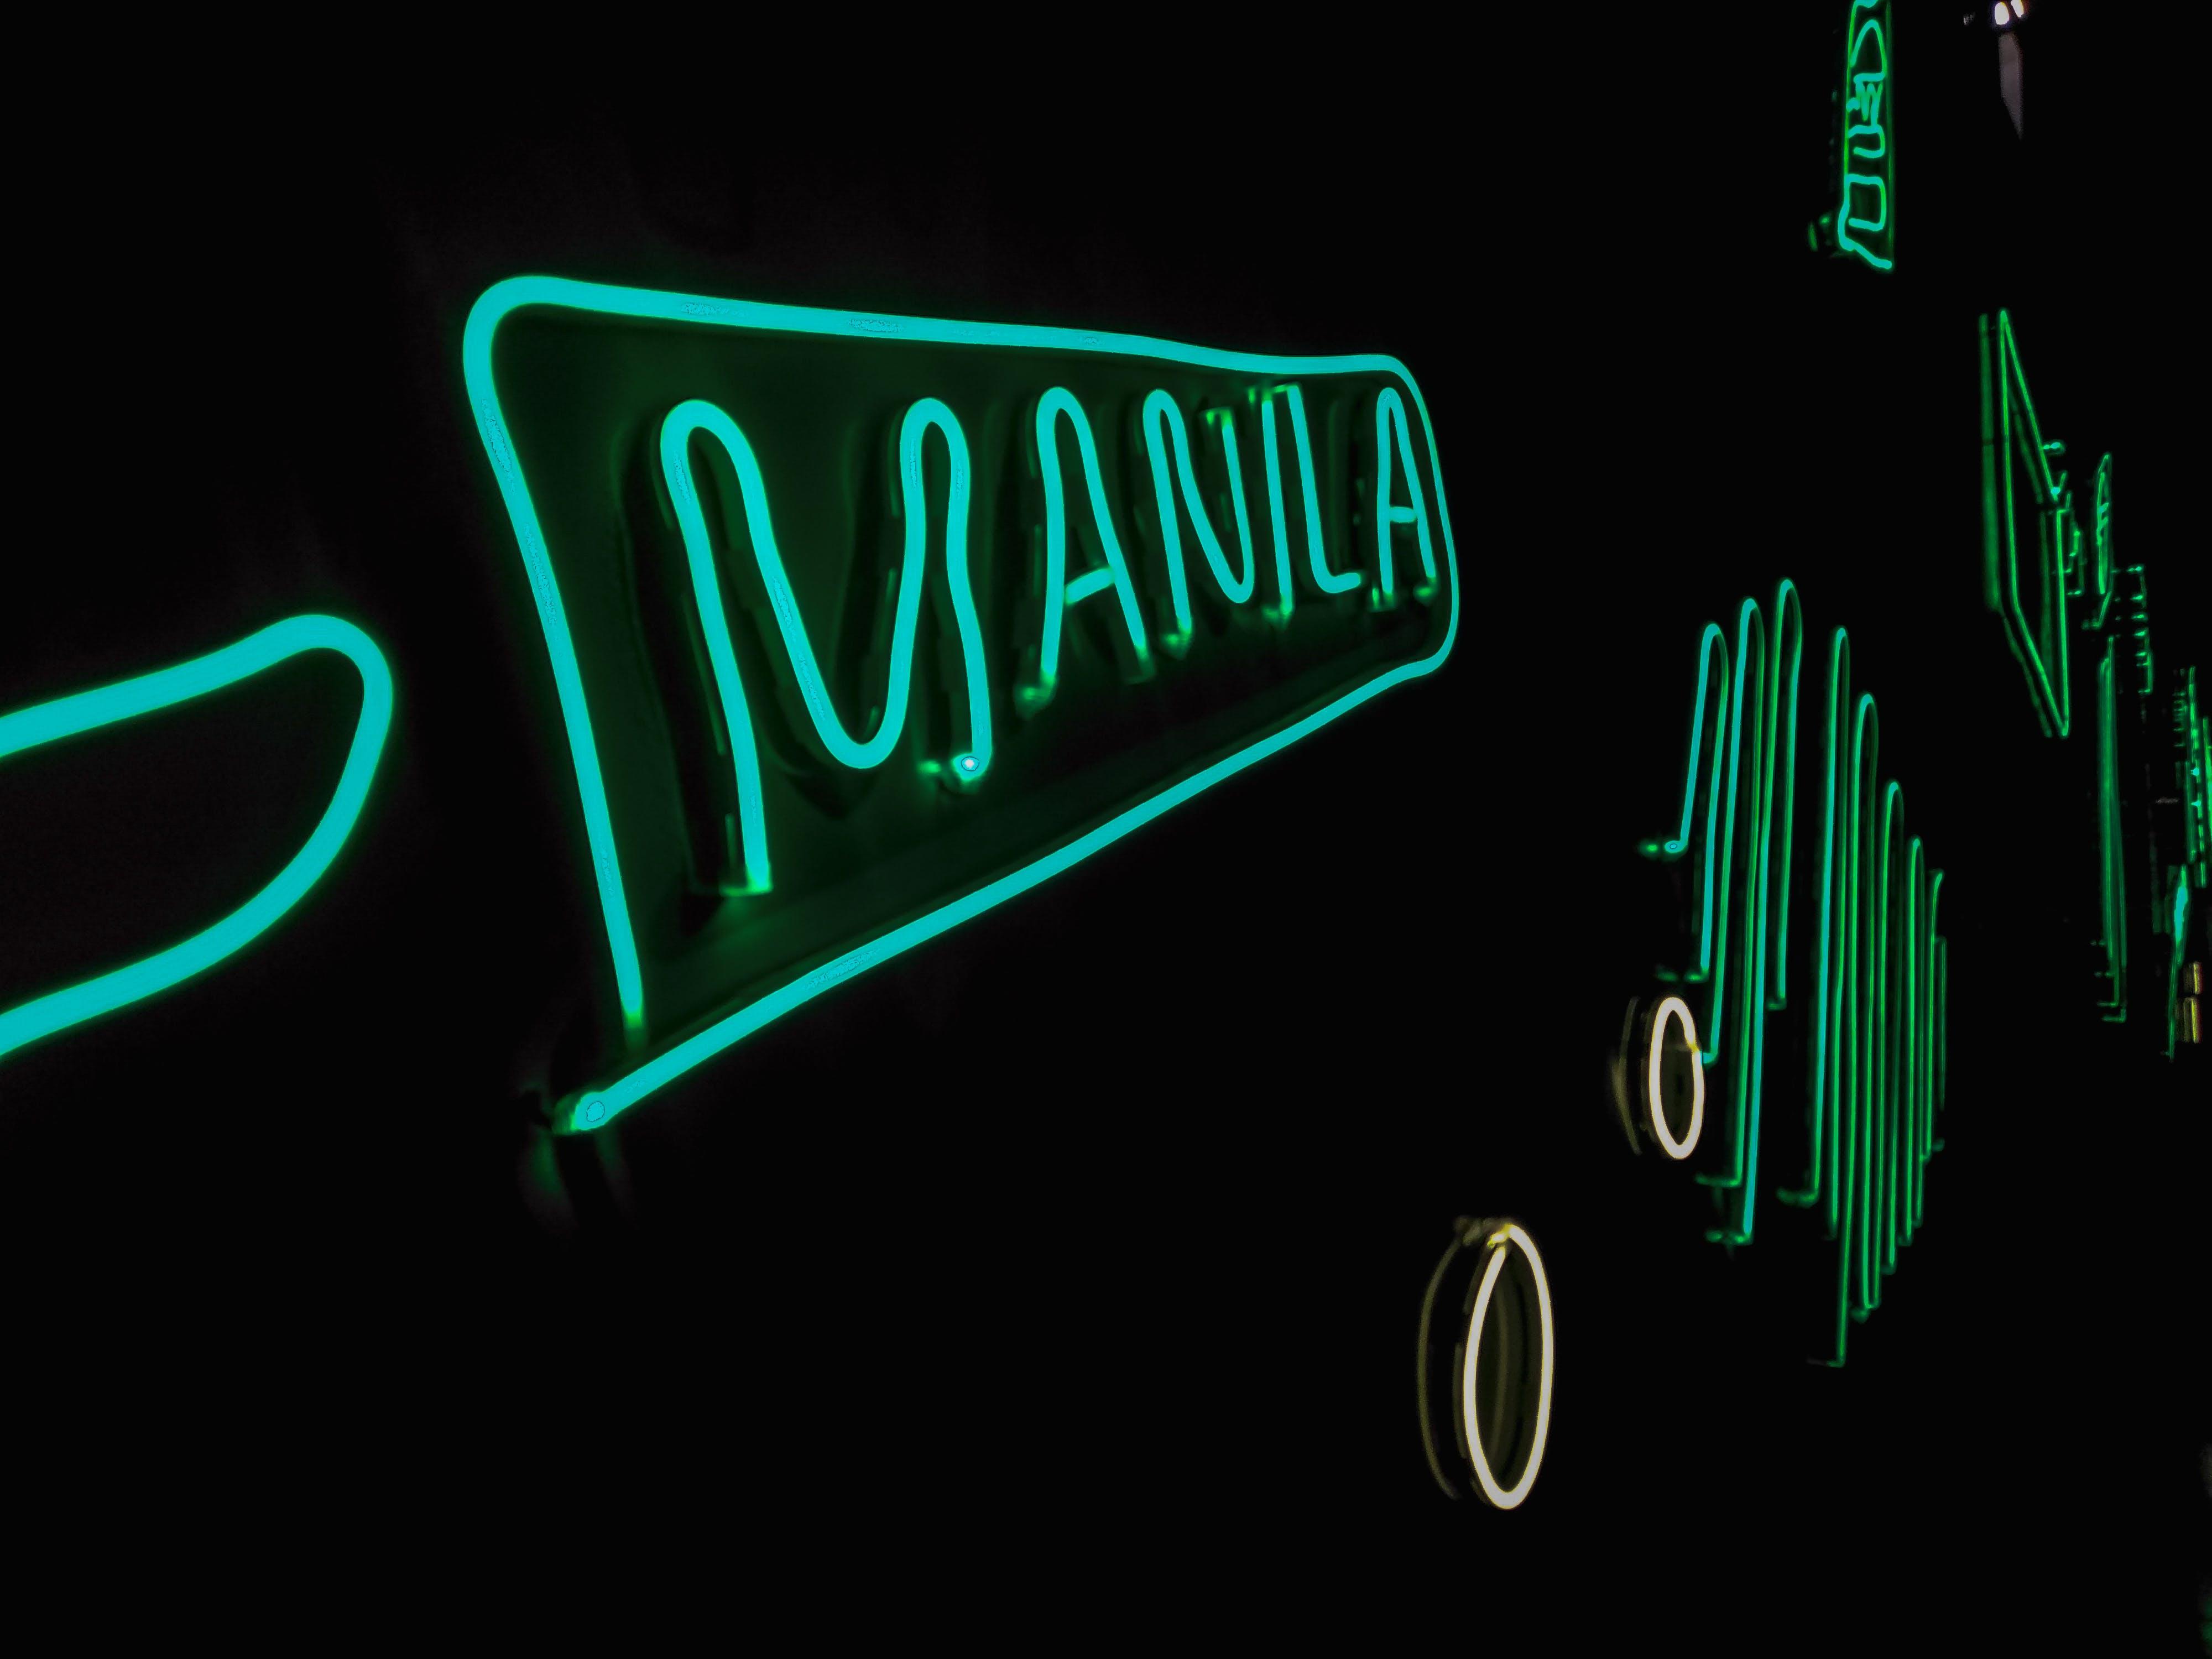 Manila Led Signage